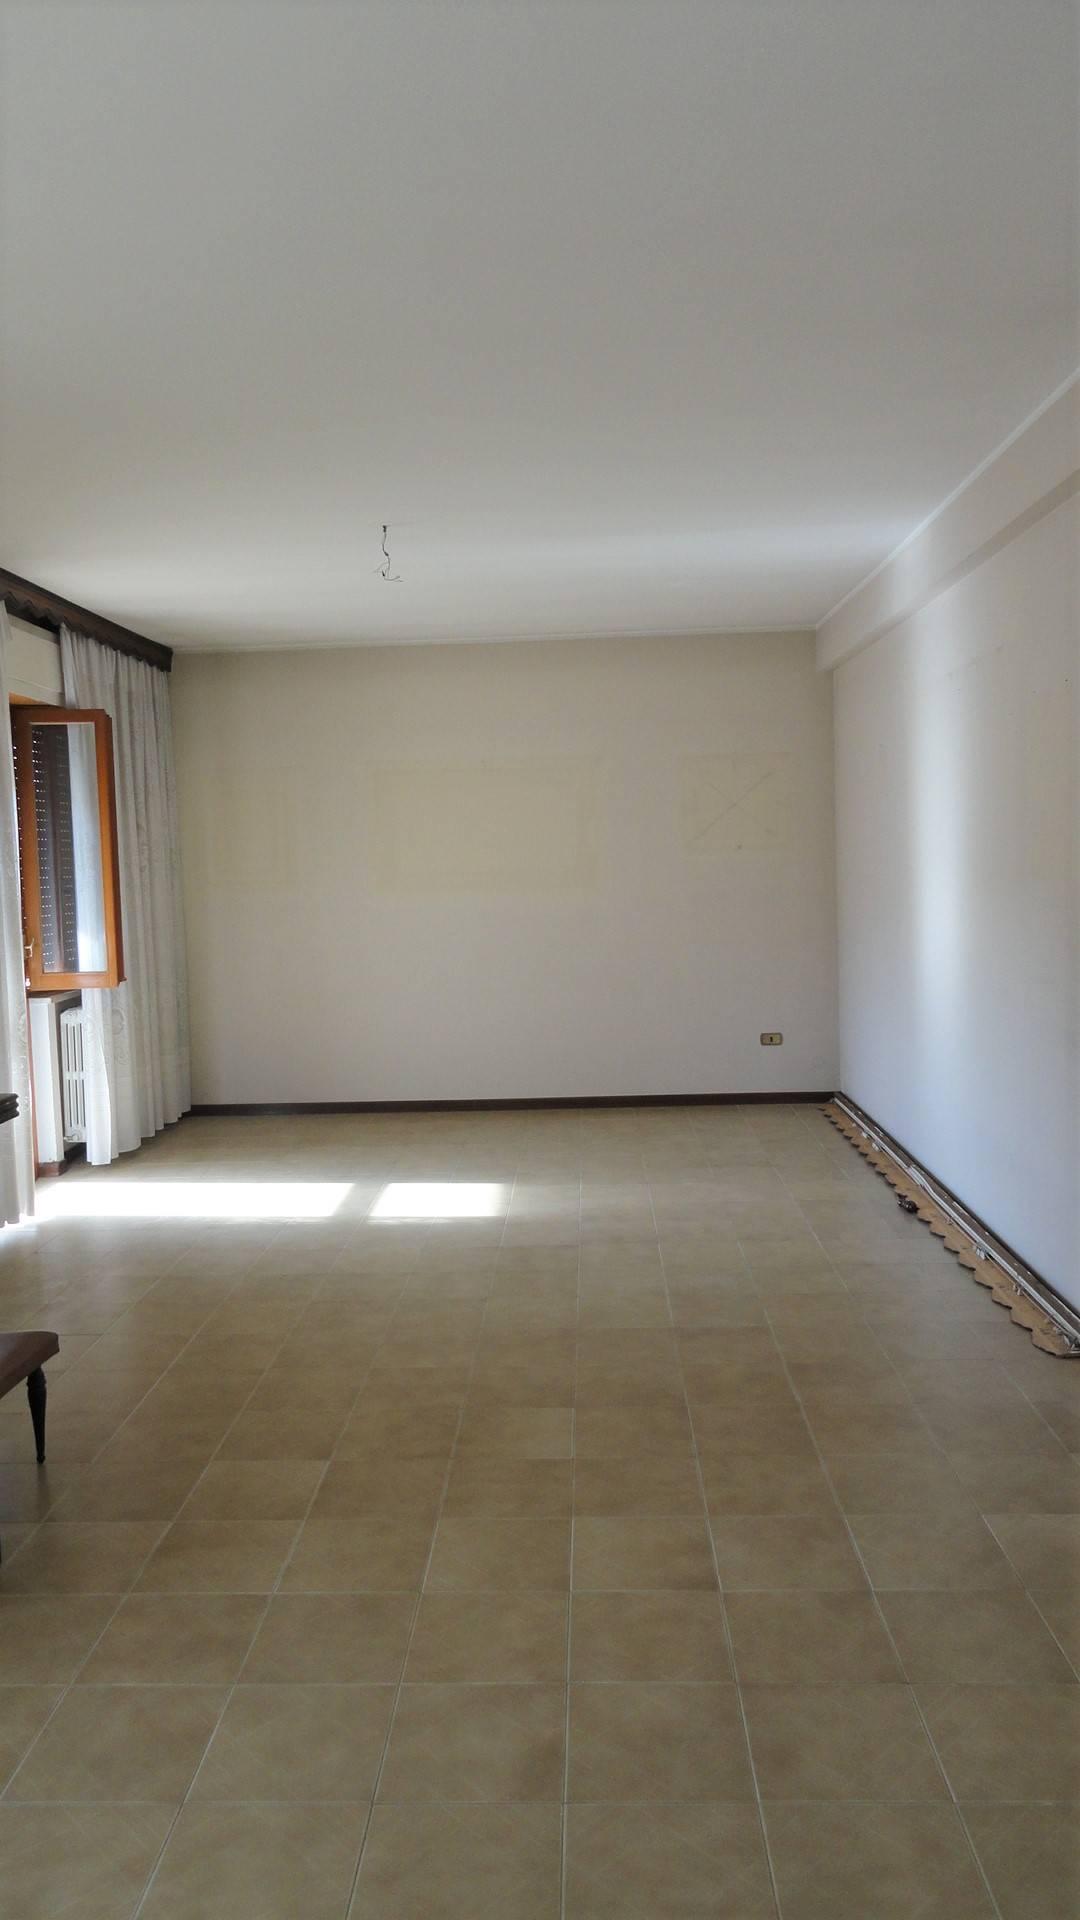 Appartamento in affitto a Teramo, 5 locali, zona Località: PianoDellaLenta, prezzo € 400 | CambioCasa.it